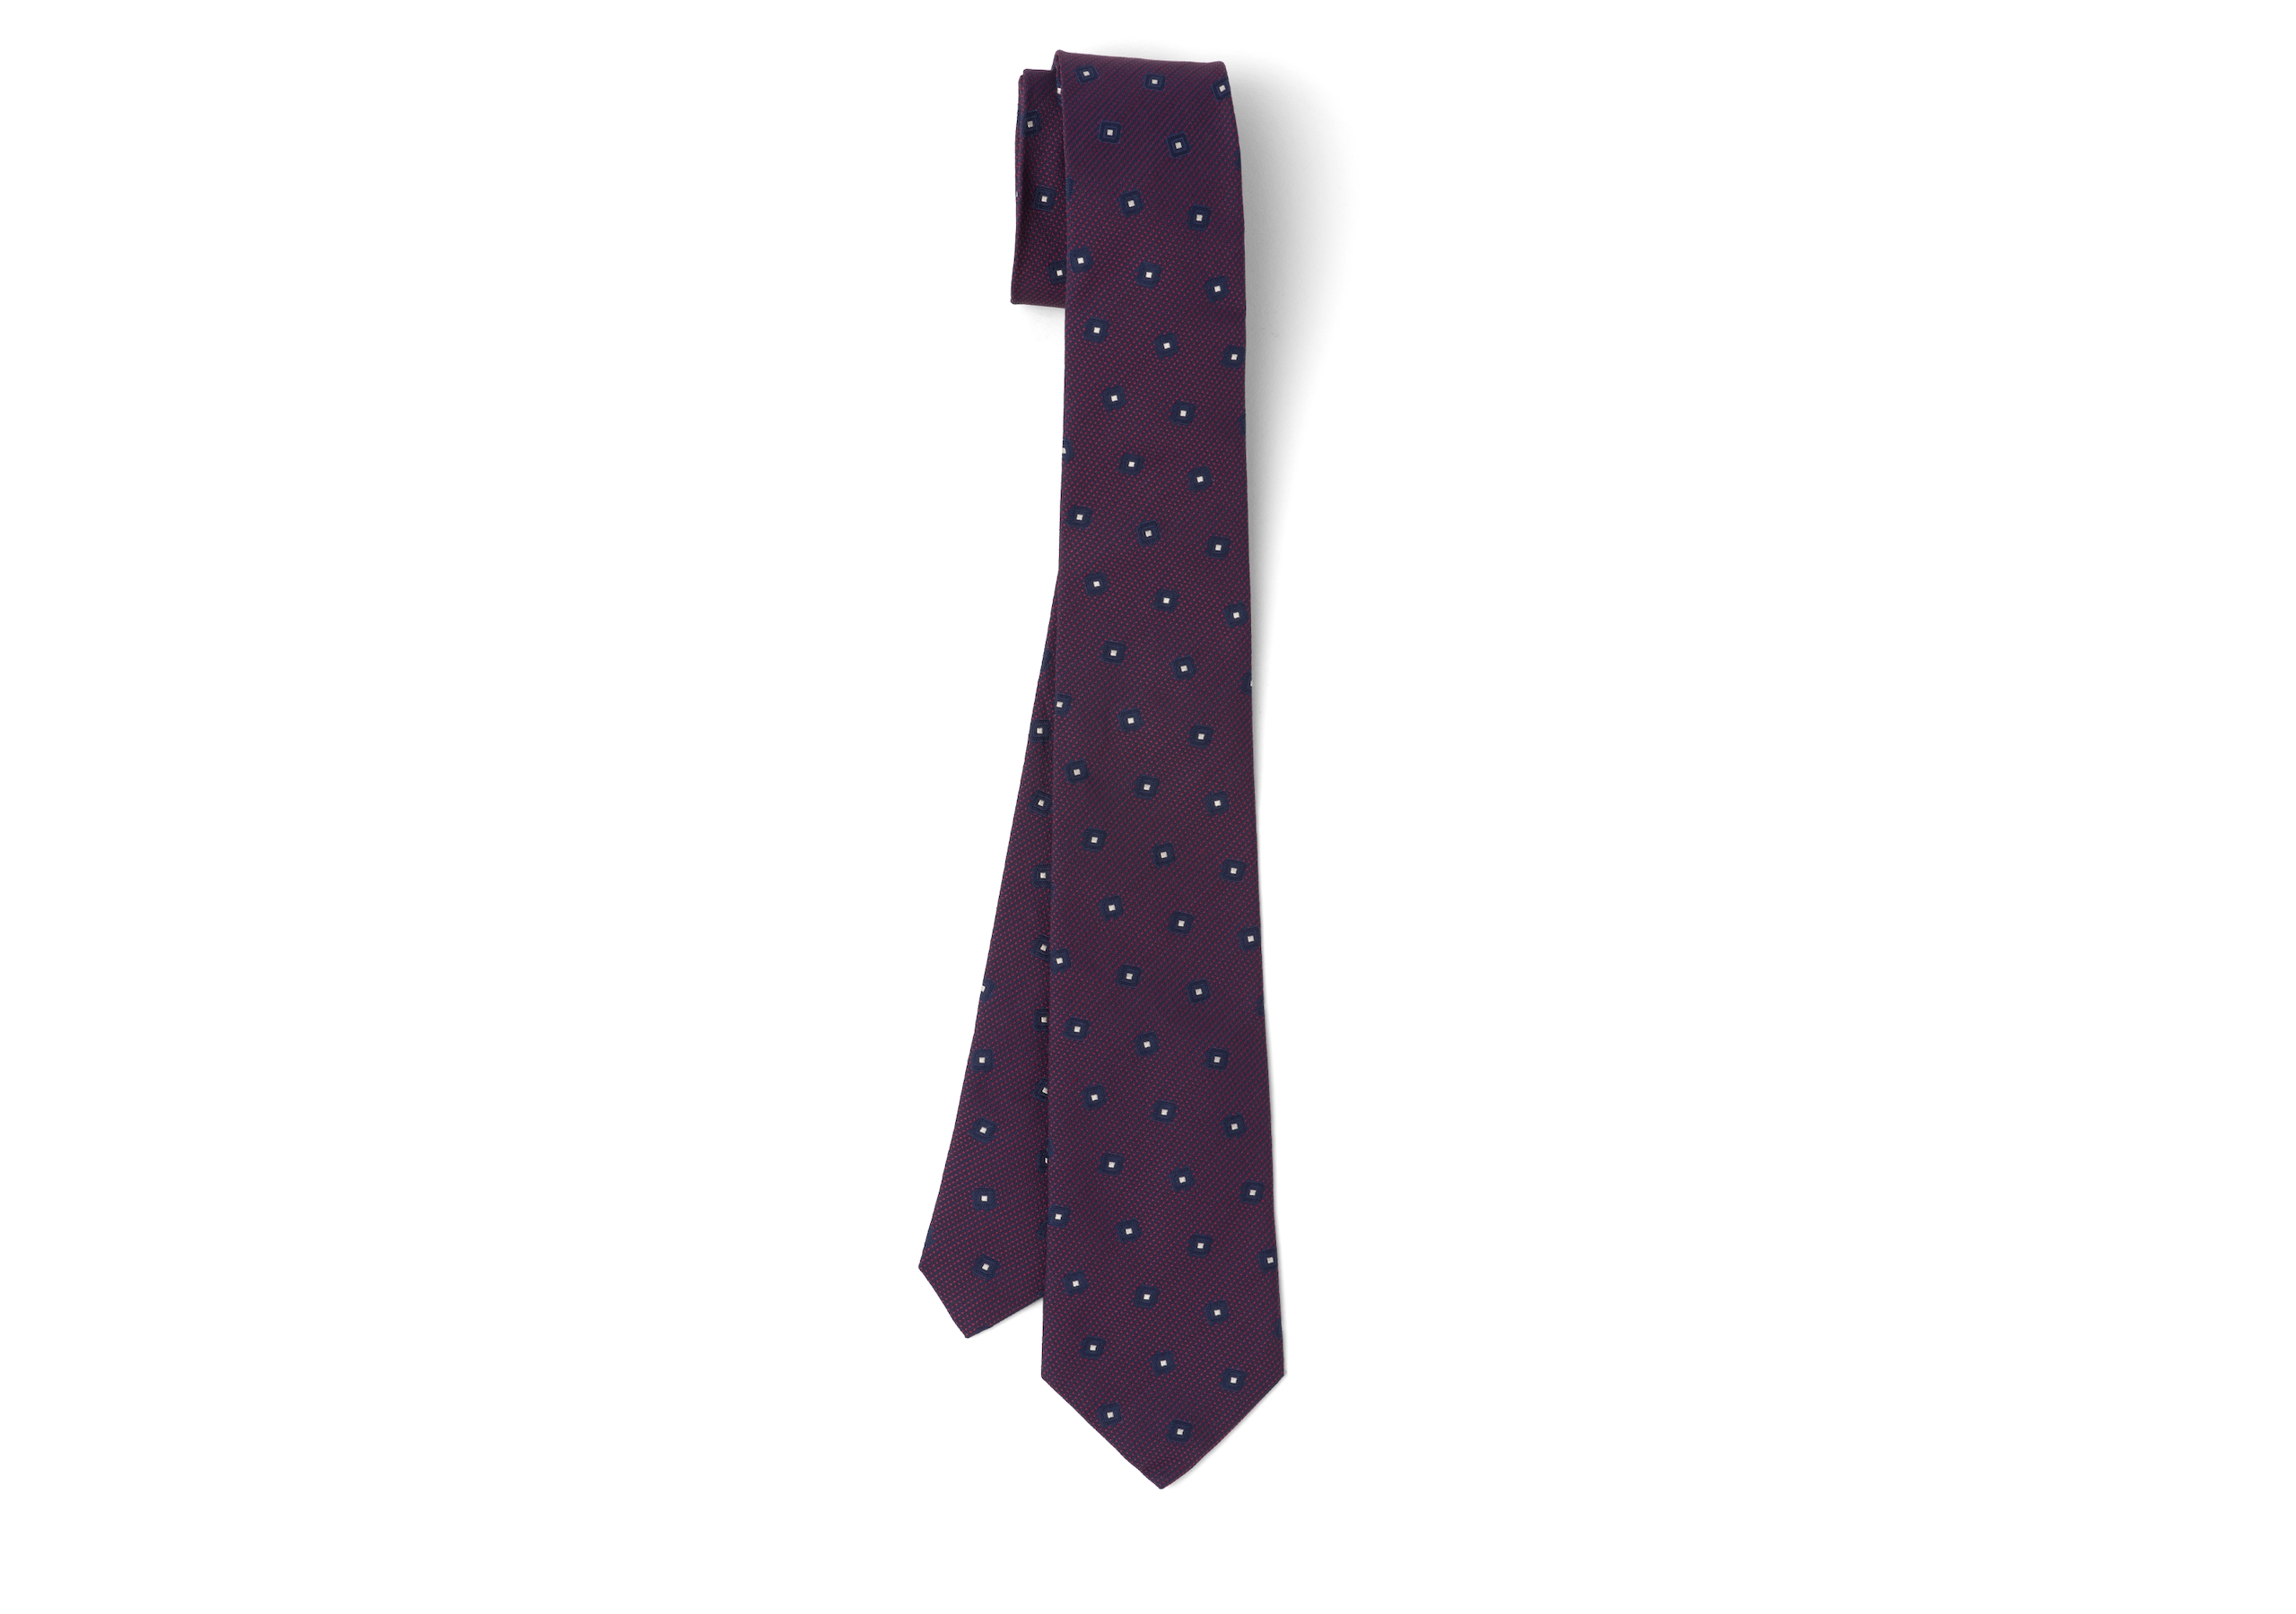 Diamond motif tie Church's Diamond Motif Tie Burgundy